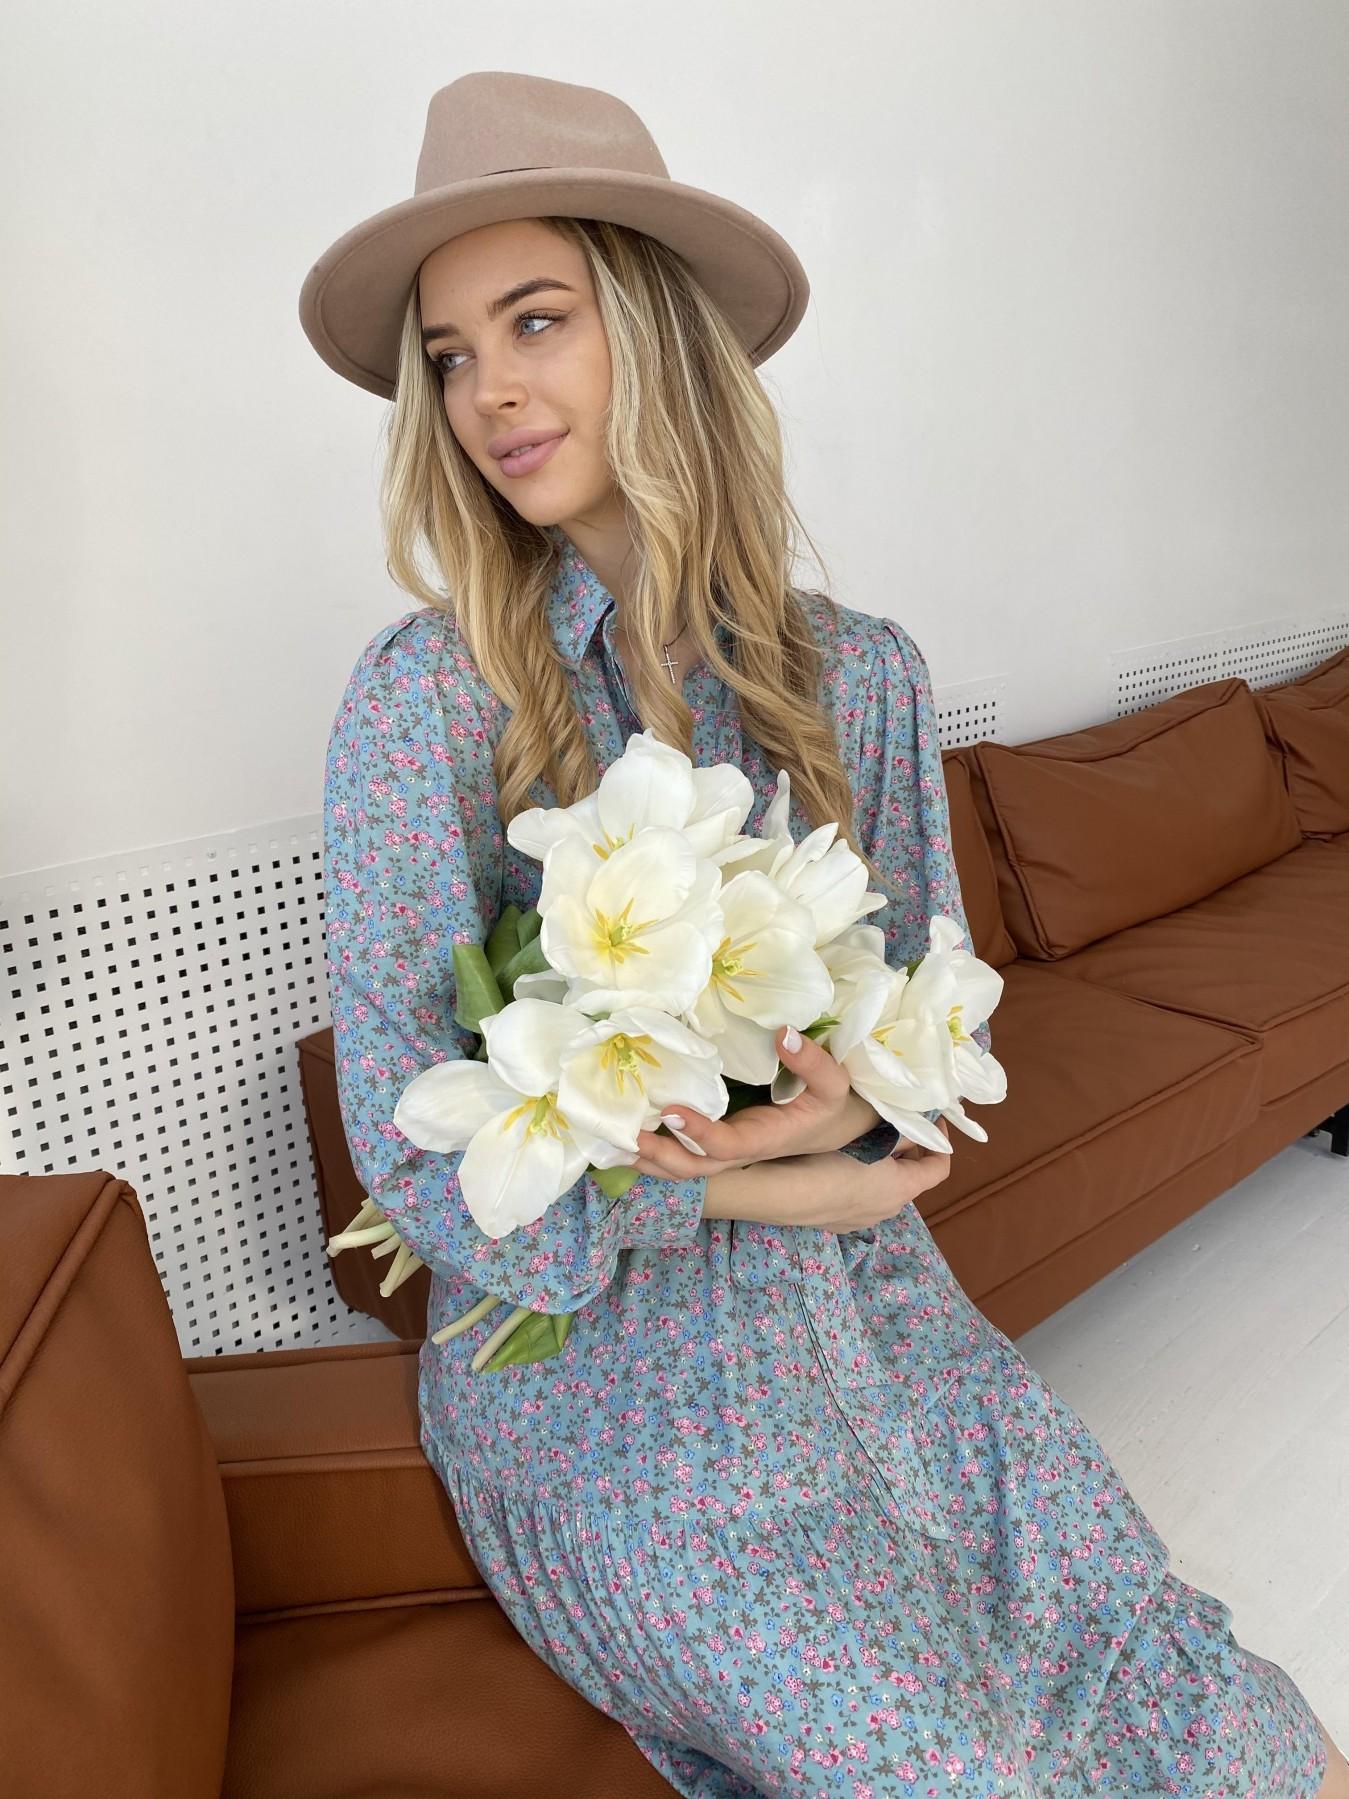 Лилия штапель принт платье 10879 АРТ. 47349 Цвет: Цветы мел олива/роз/гол - фото 1, интернет магазин tm-modus.ru